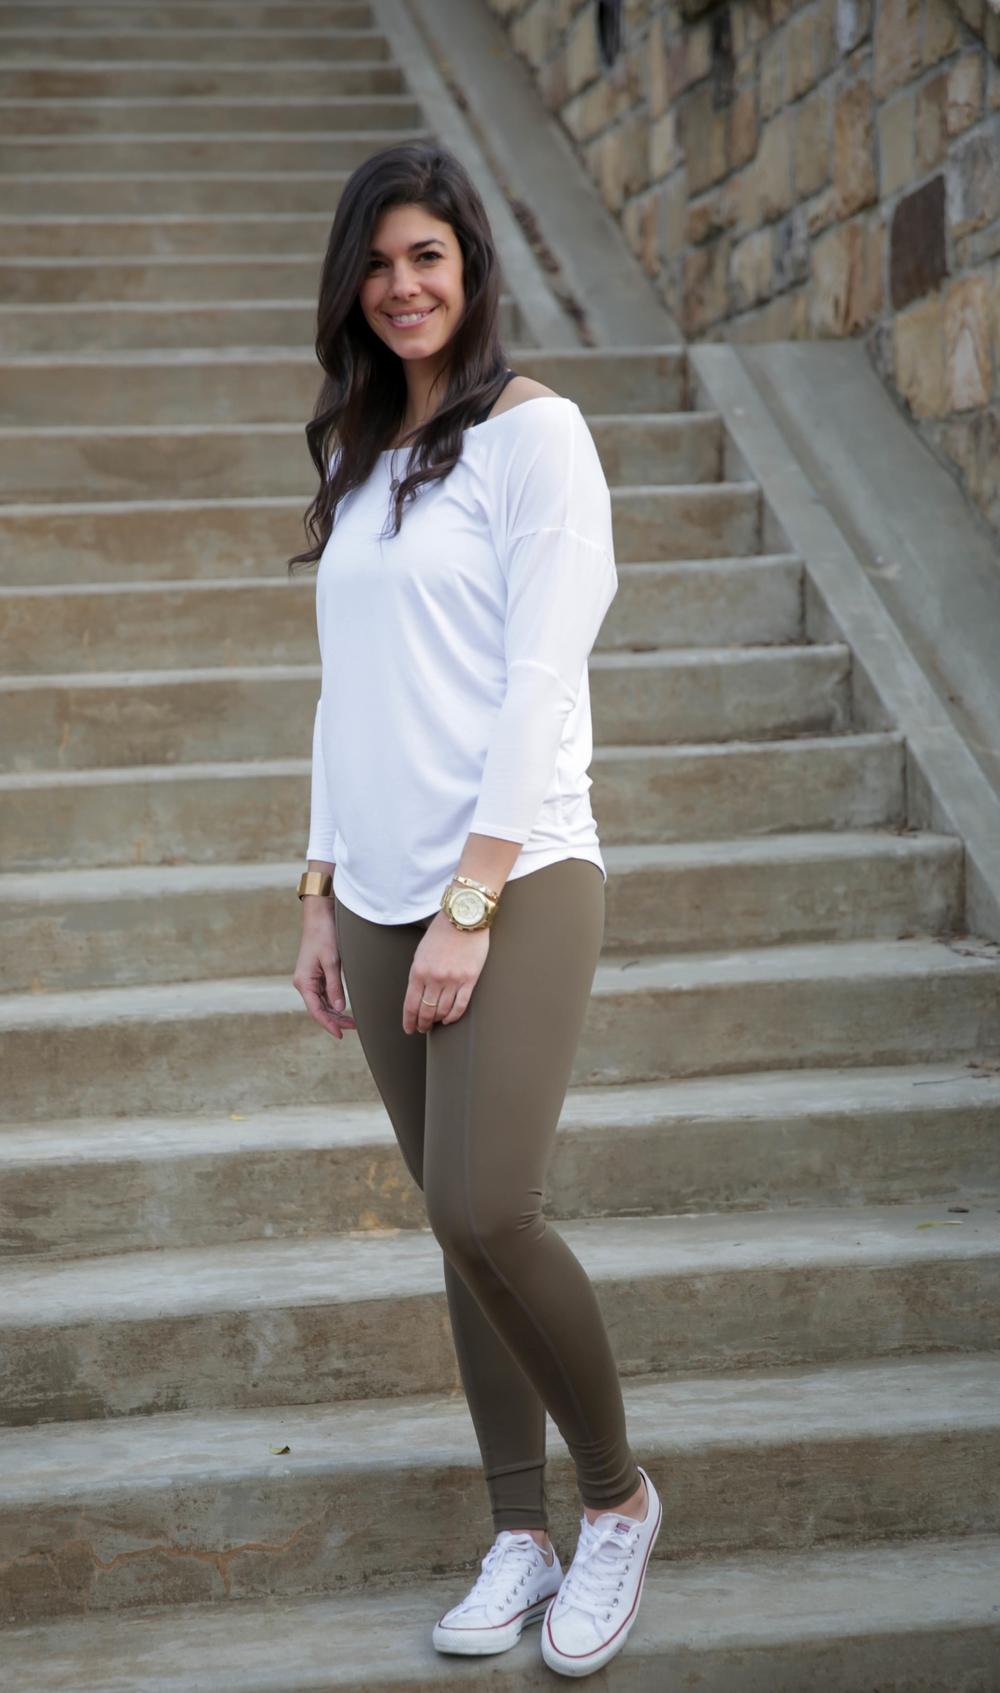 LaurenSchwaiger-Life-Style-Blog-HAVEN-Olive-Contour-Legging.jpg